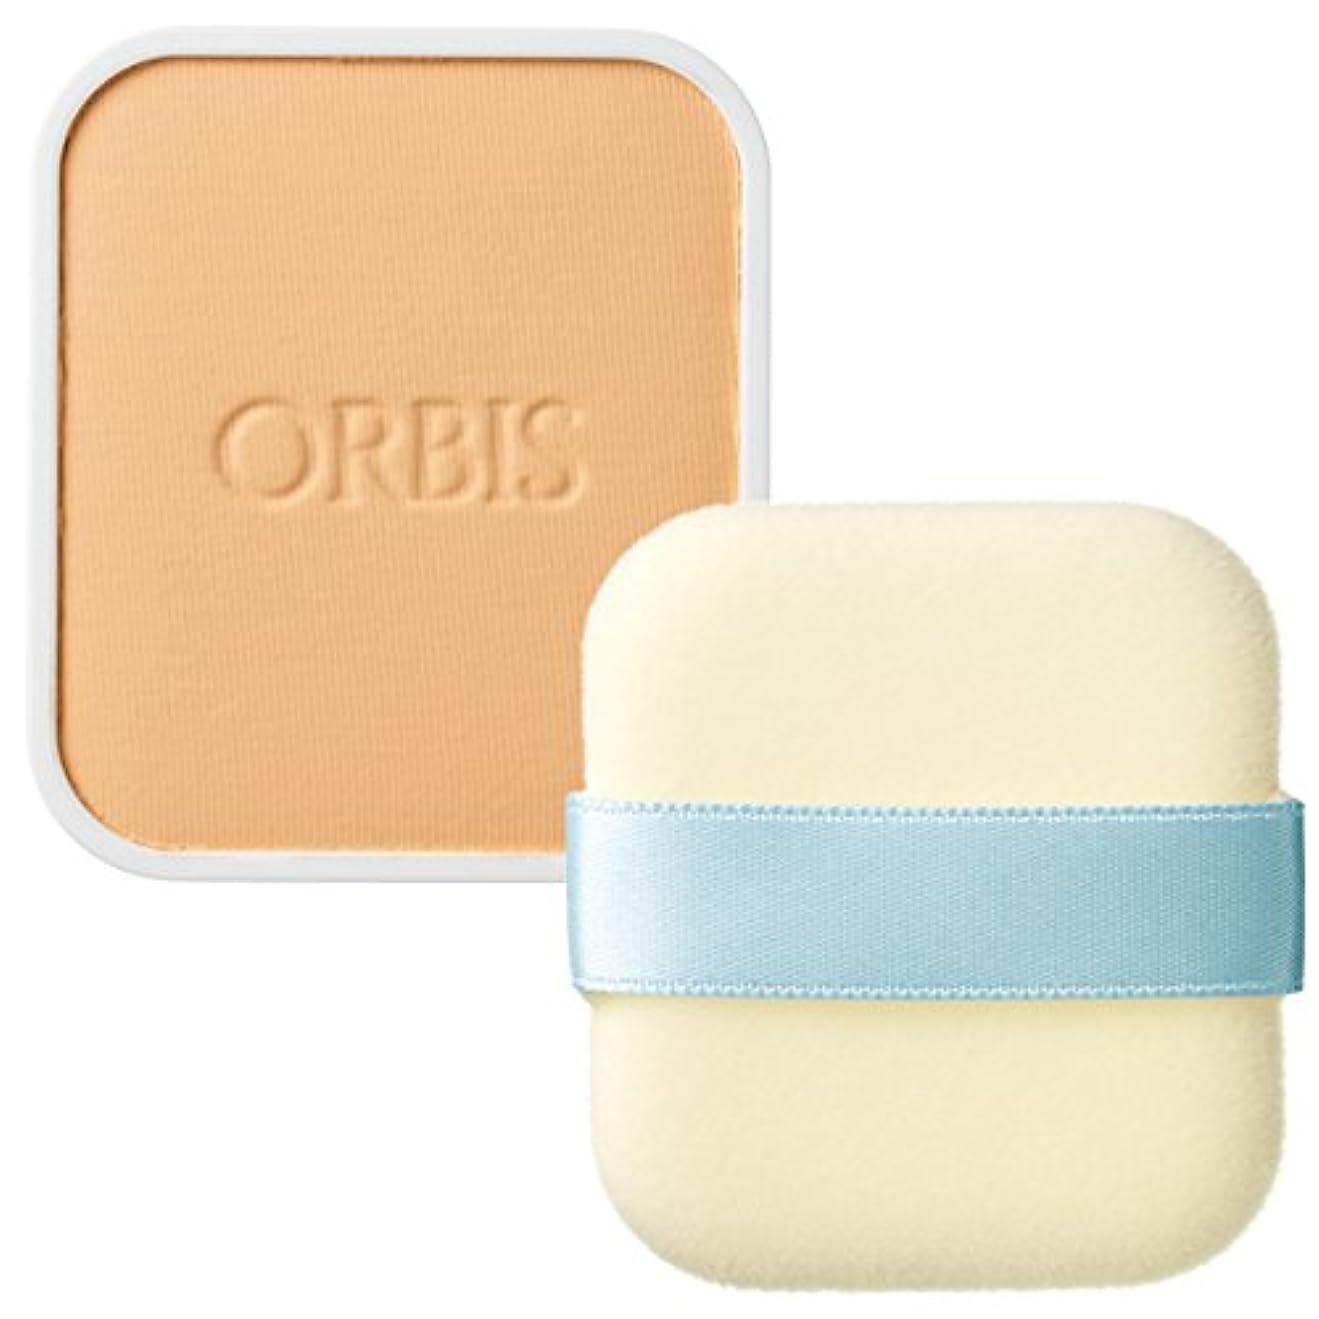 期待はぁ医学オルビス(ORBIS) クリアパウダーファンデーション(リフィル?専用パフ付) ナチュラル02 11g SPF15/PA+ ◎ニキビ肌用ファンデーション◎